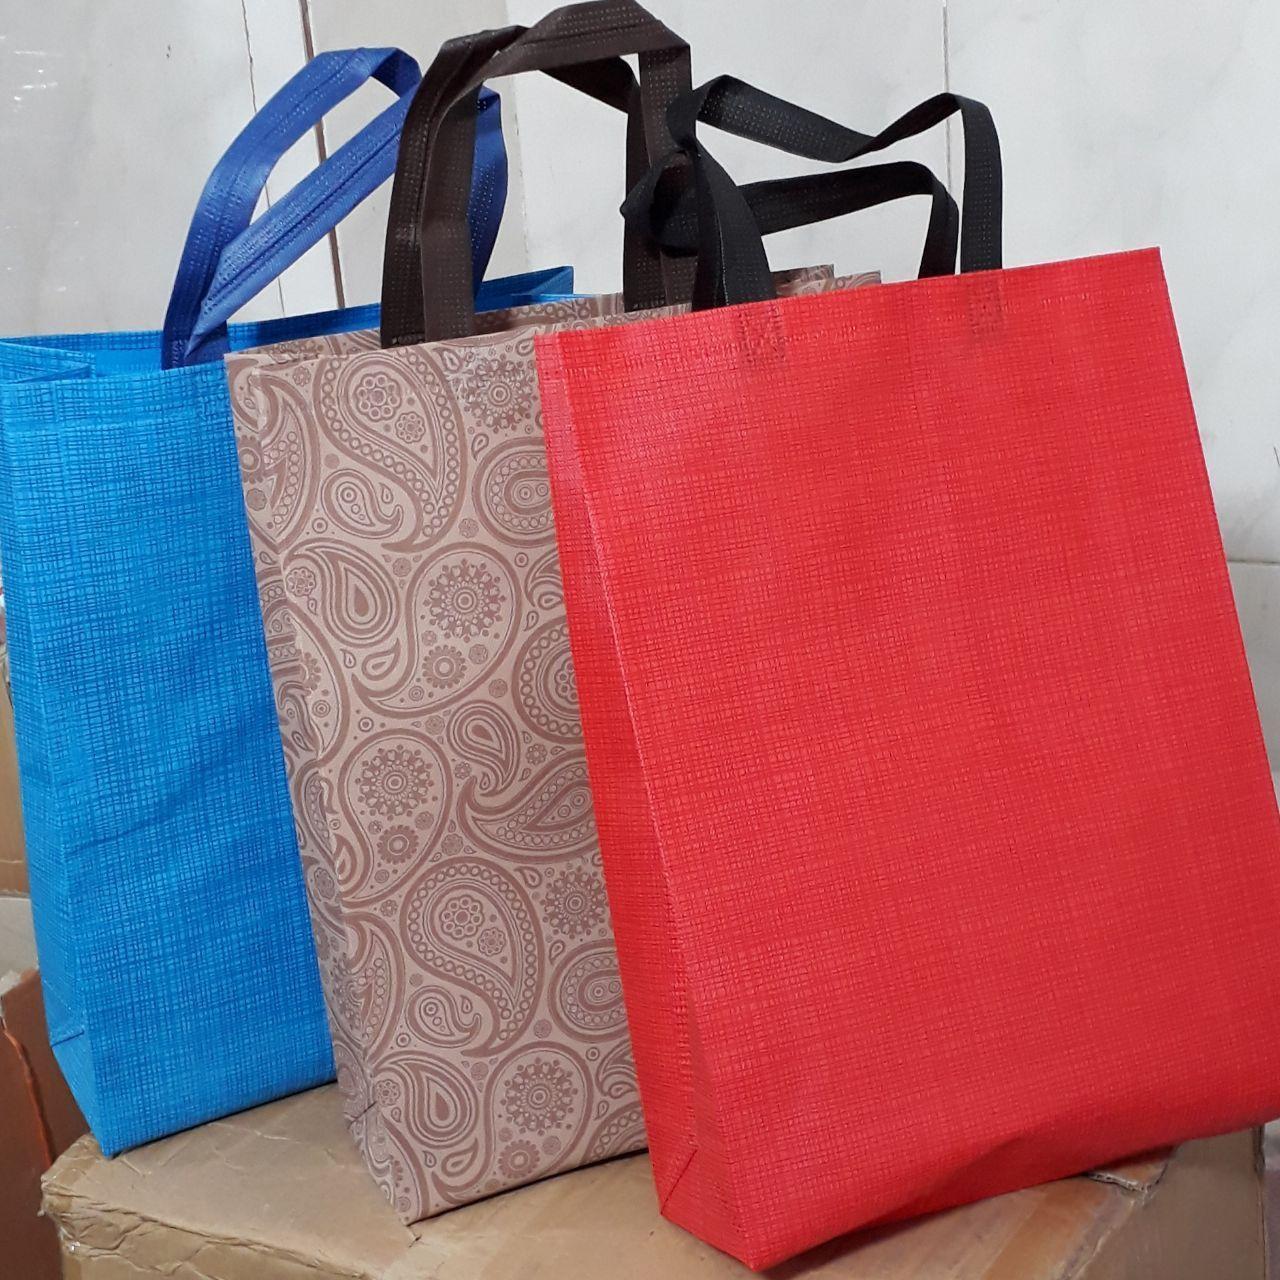 إنتاج وتوزيع الحقائب والأكياس غير المنسوجة -- حقيبة الجملة - إنتاج الأكياس - حقيبة بألوان مختلفة - أكياس ترويجية بالجملة